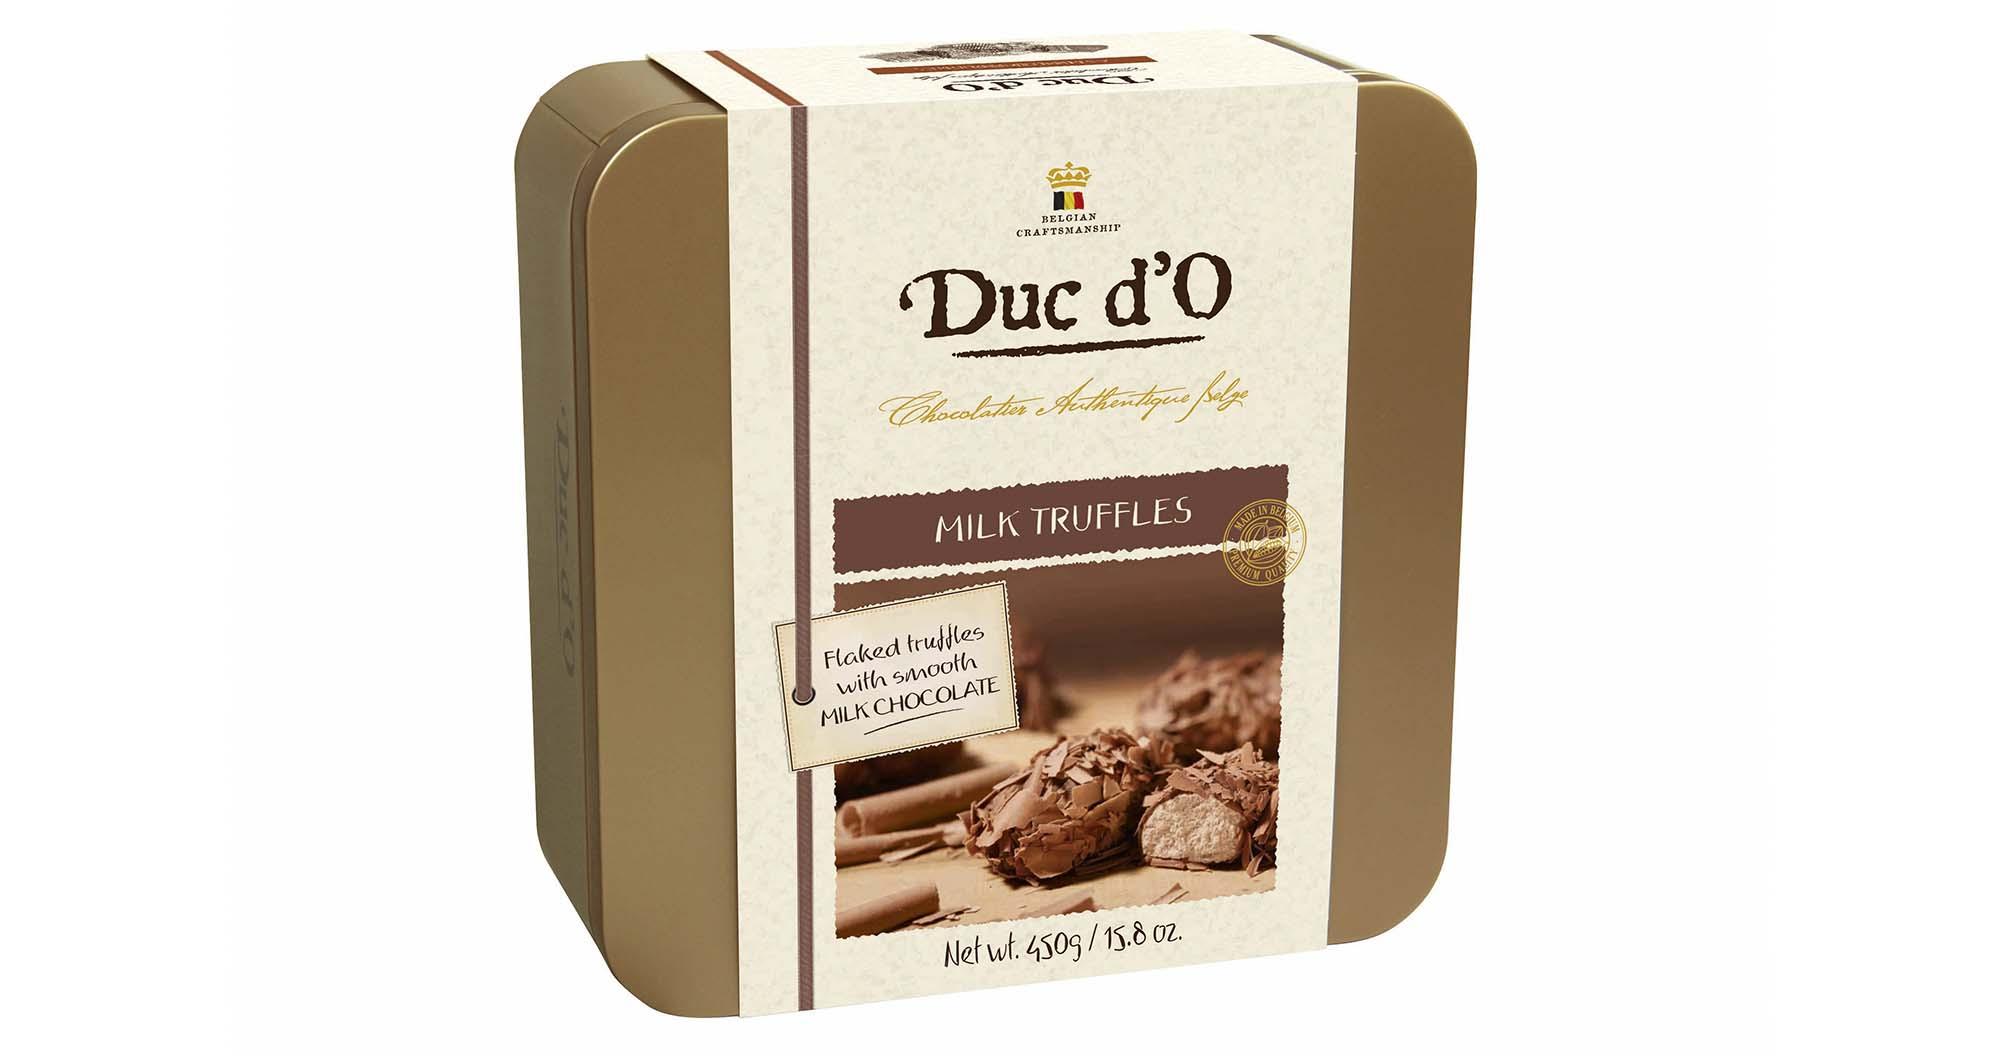 3D_DDO_Blik_Truffels_M_103-30057-999_450g